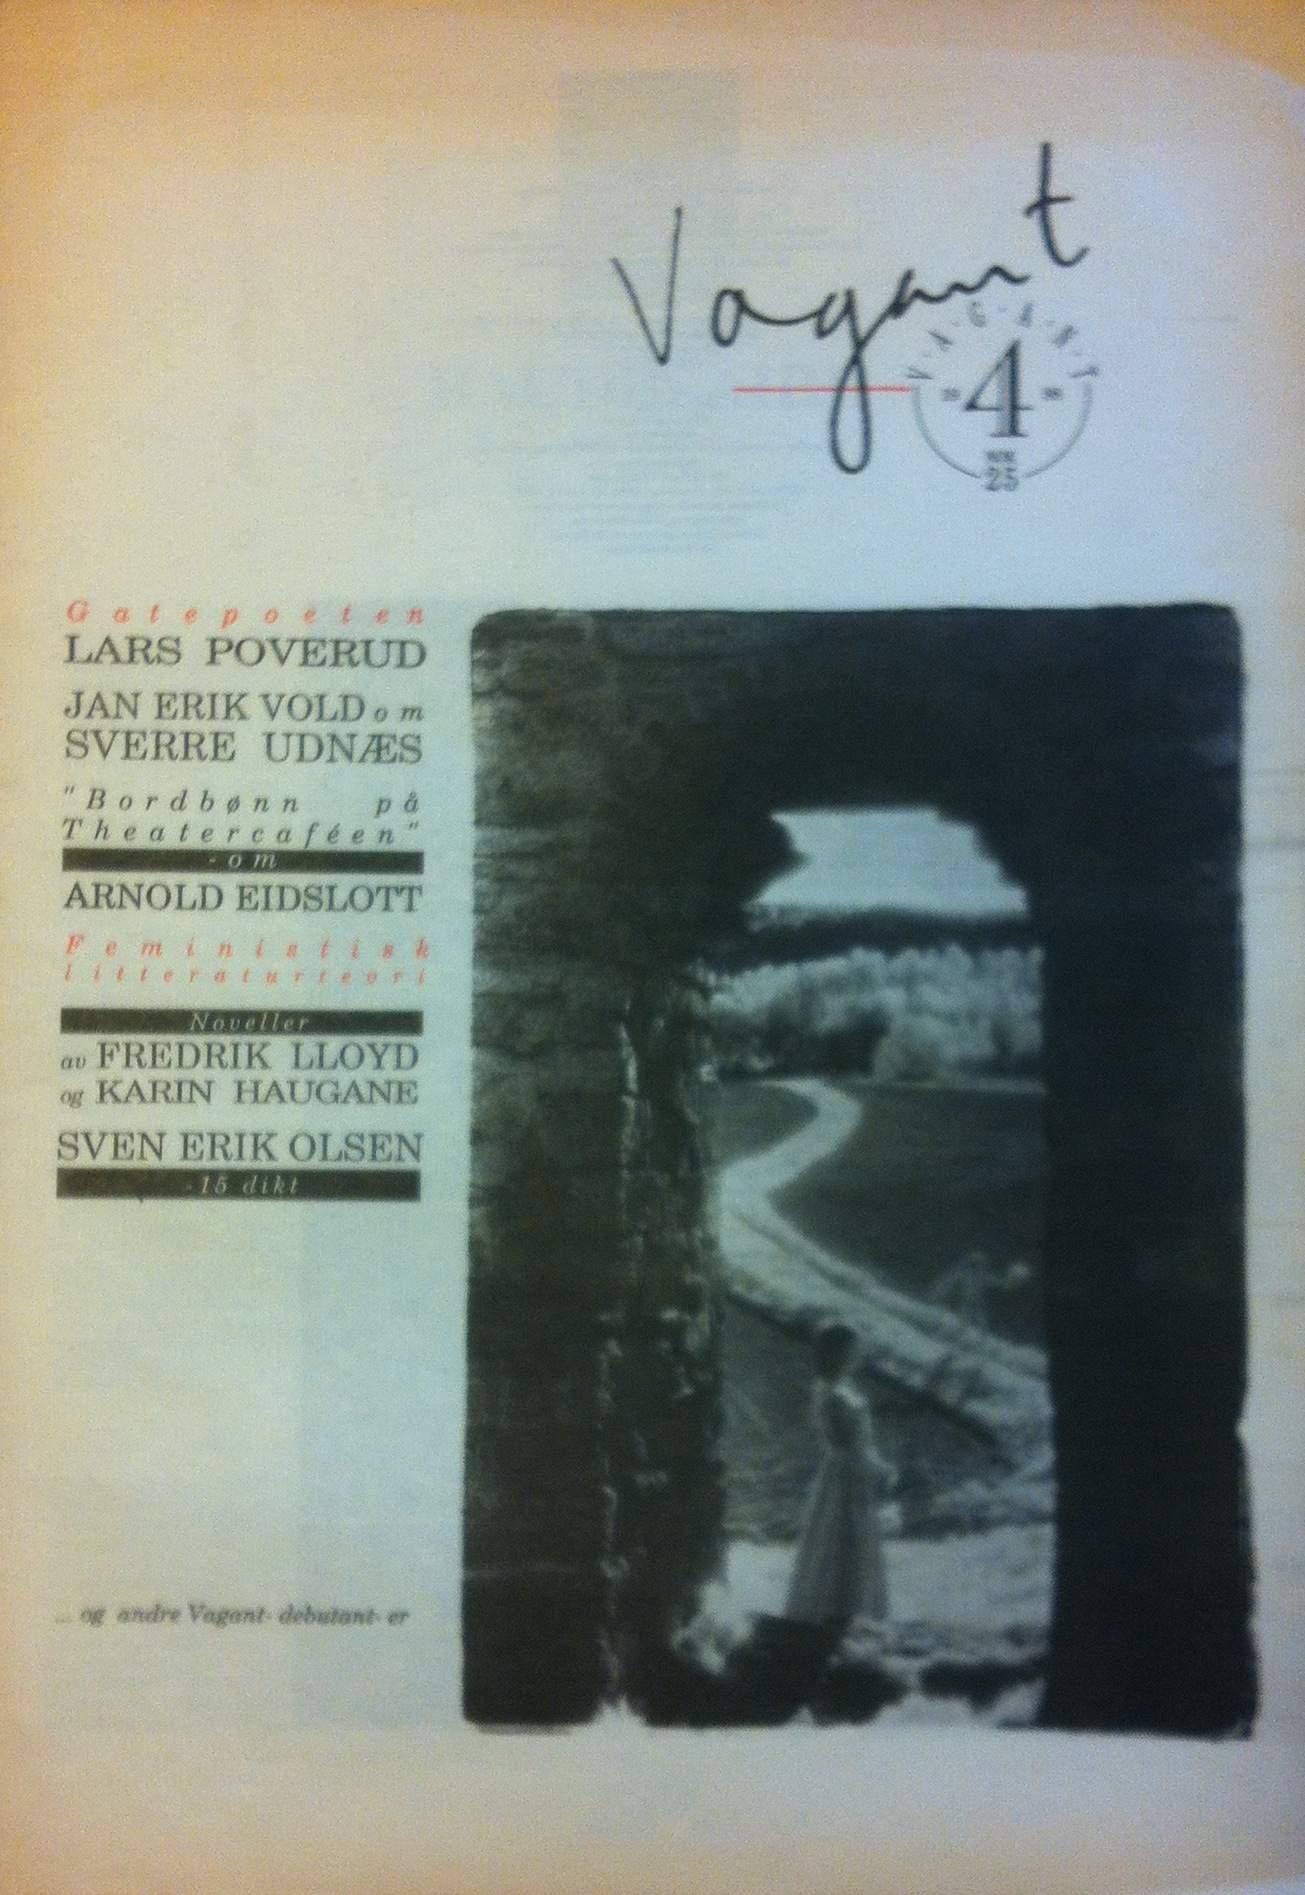 Vagant 4/1988